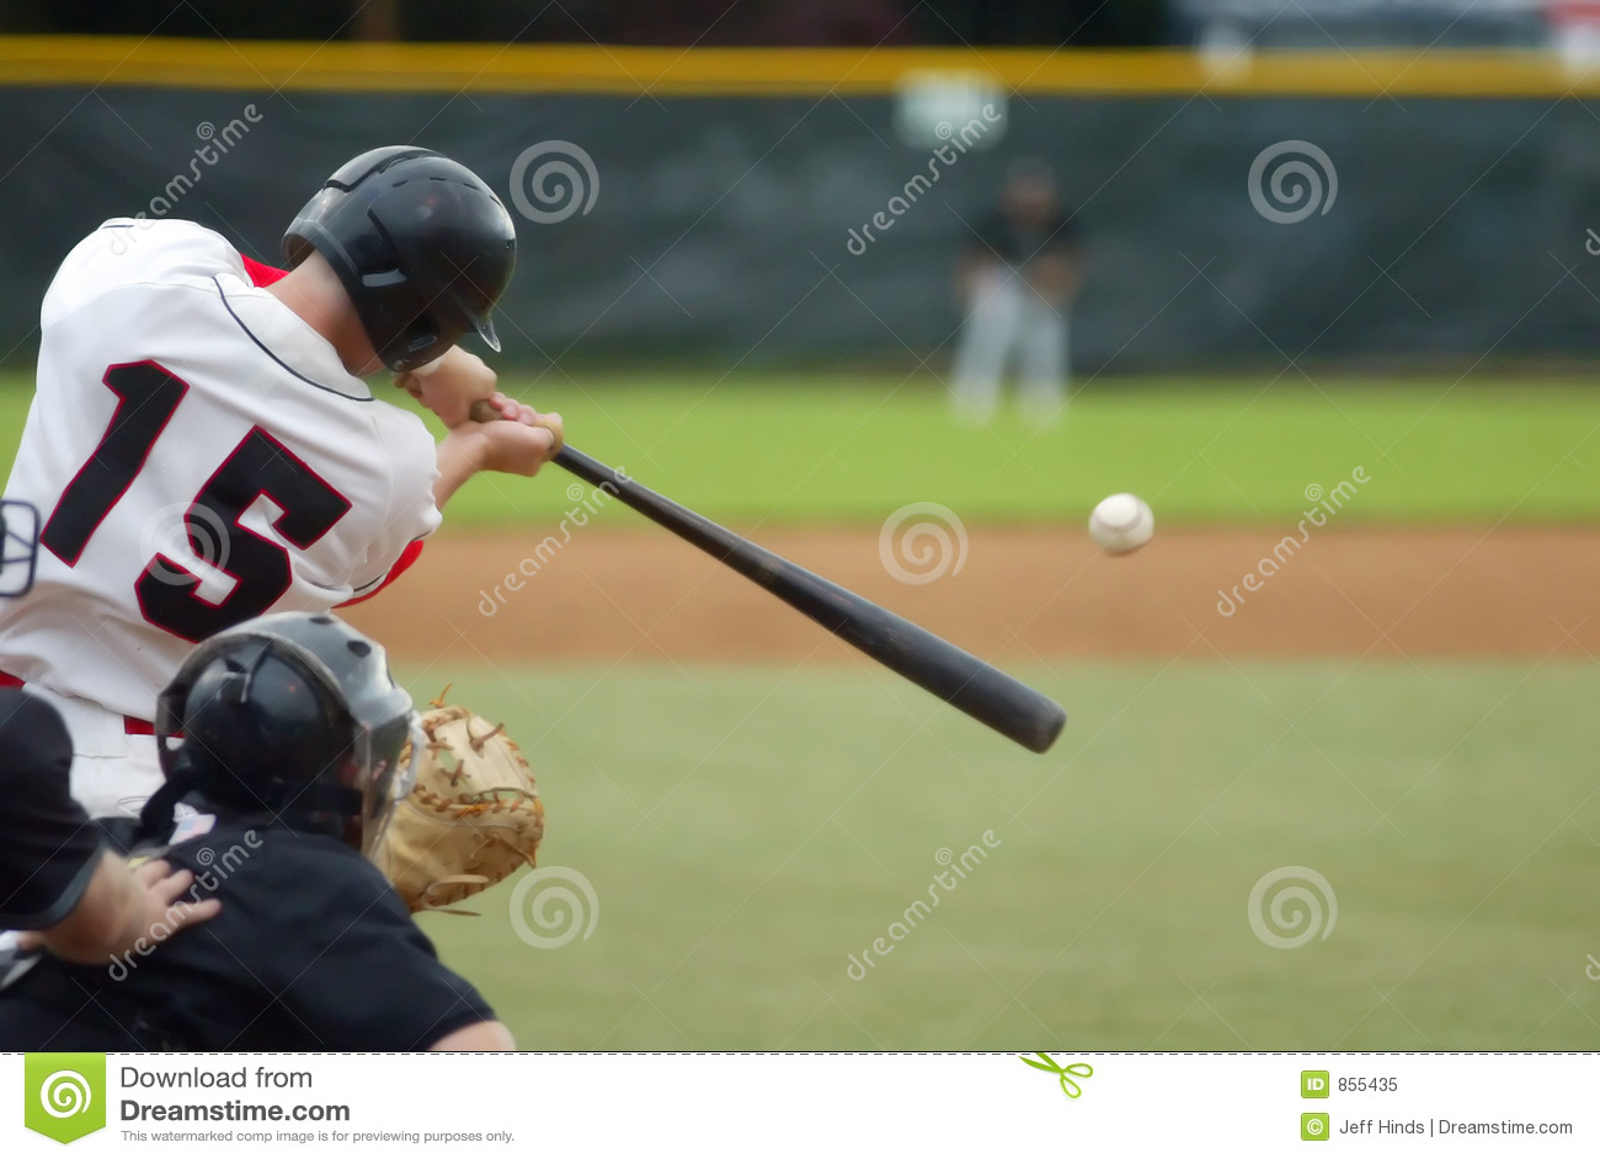 удар бейсбола